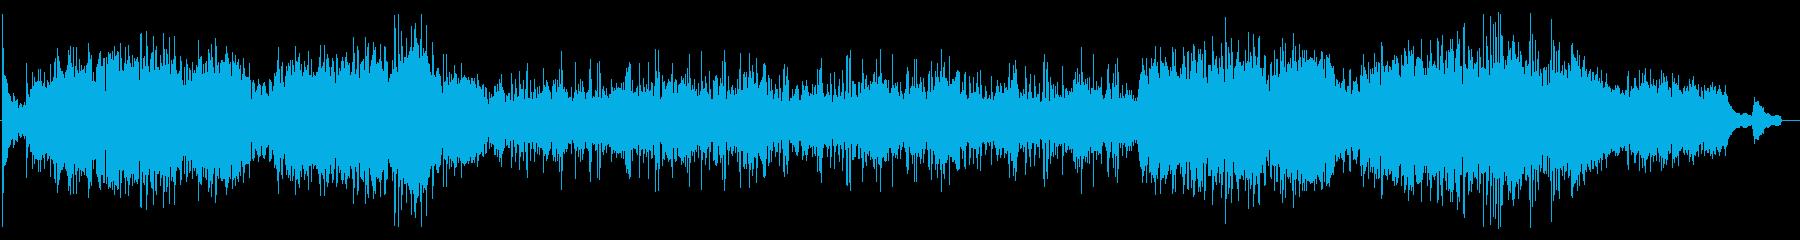 ショパンの幻想即興曲を原曲そのままカバーの再生済みの波形